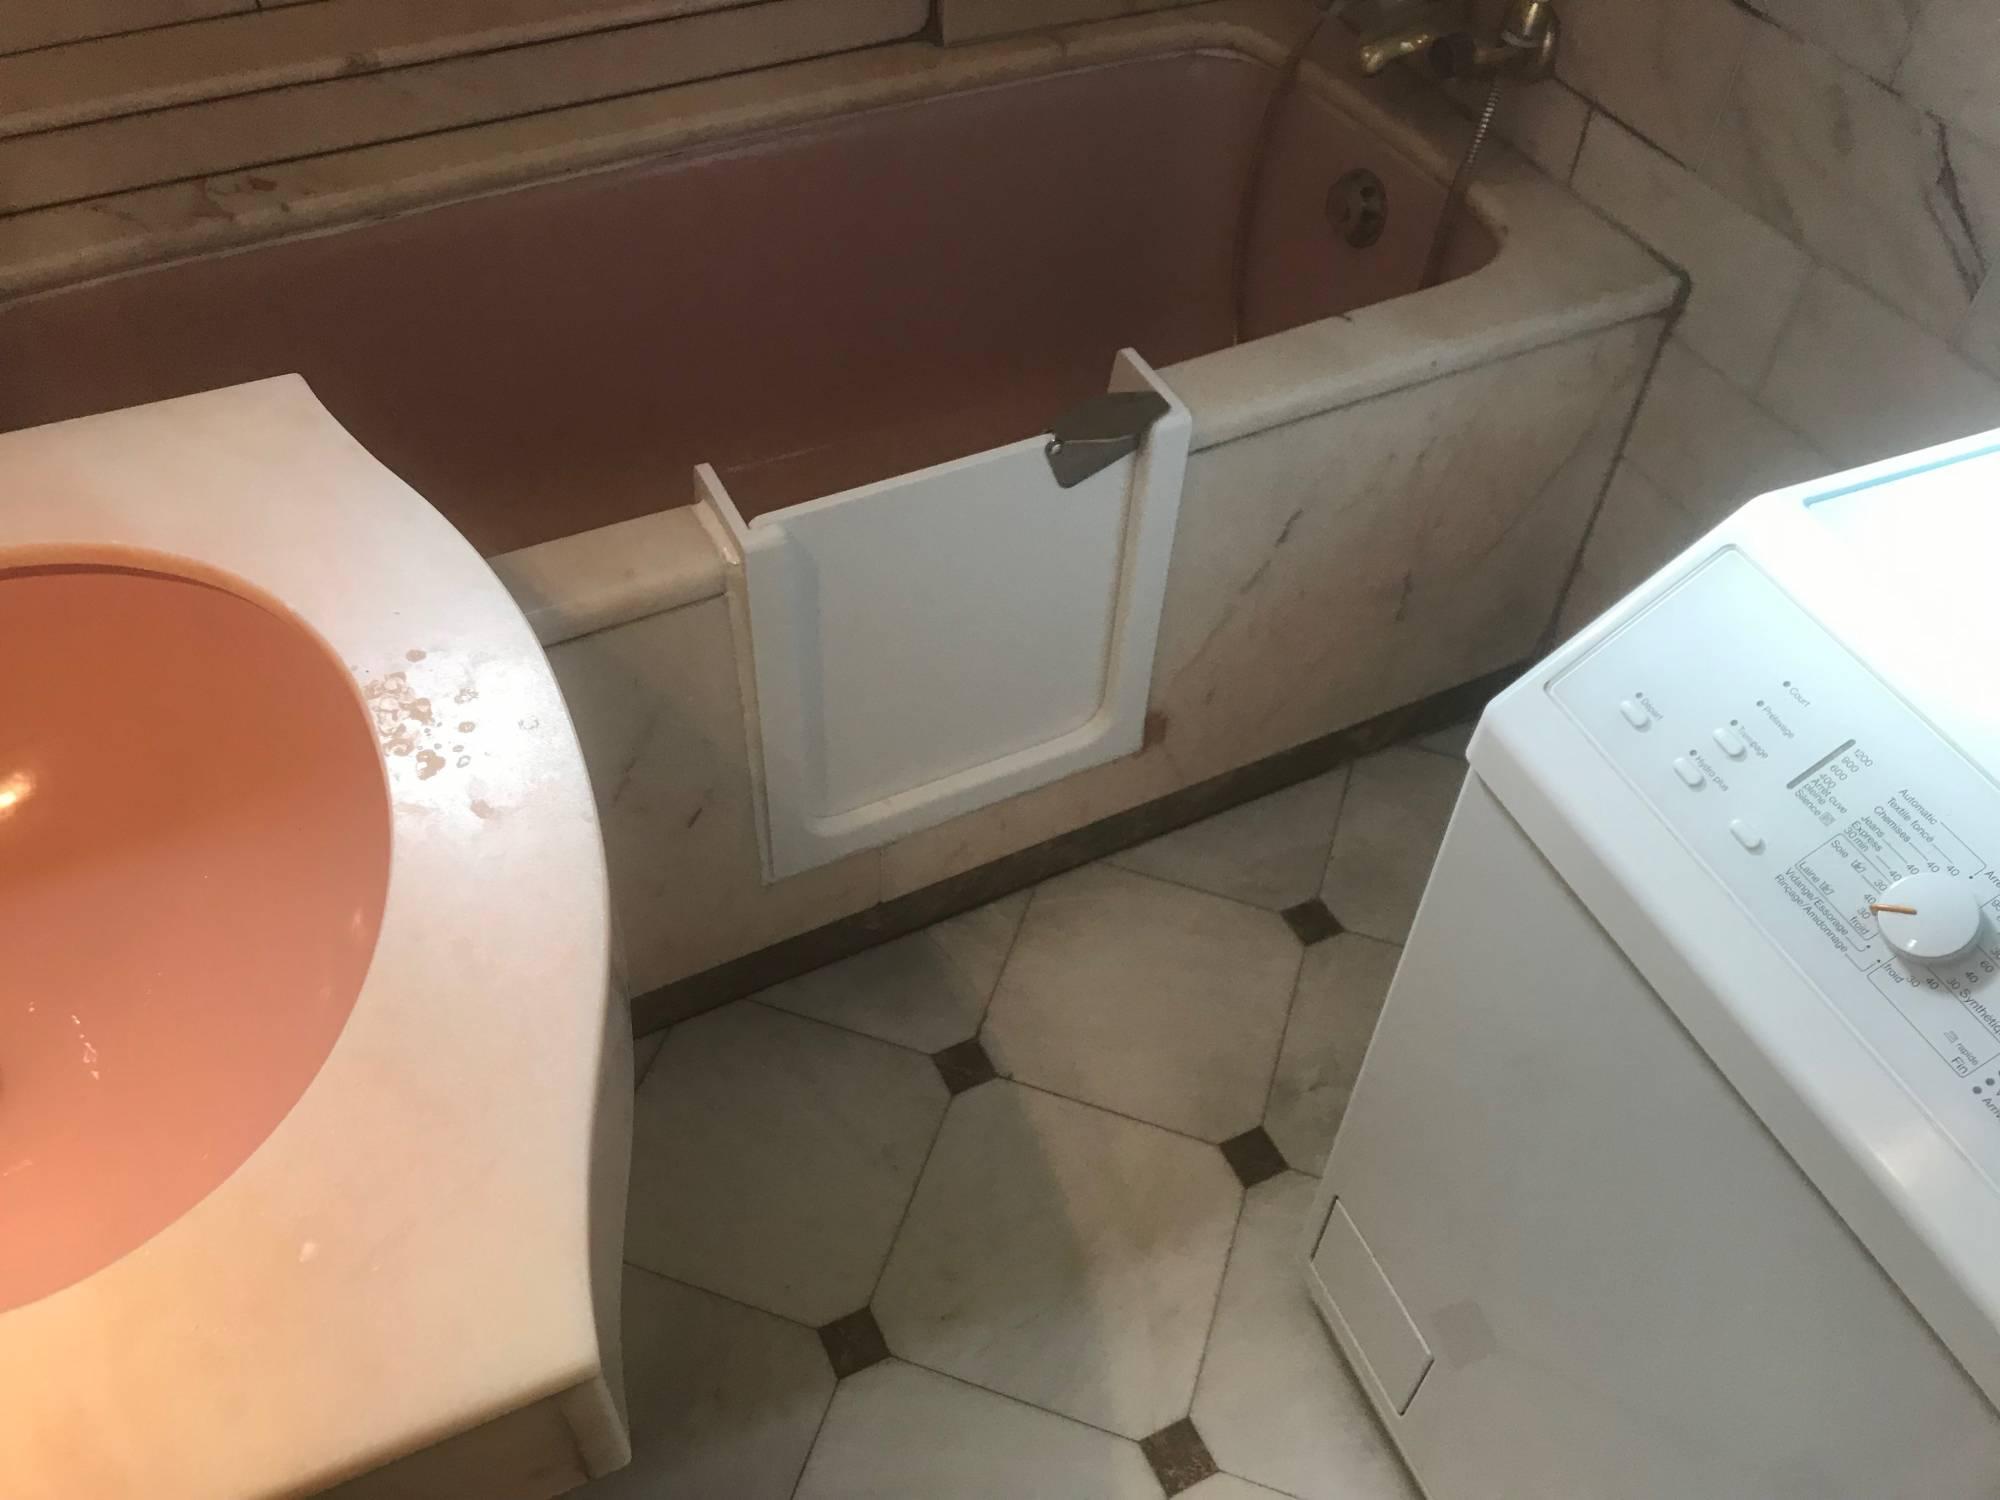 Baignoire Ceramique Pas Cher devis pour réparation de baignoire en fonte emaillée rapide